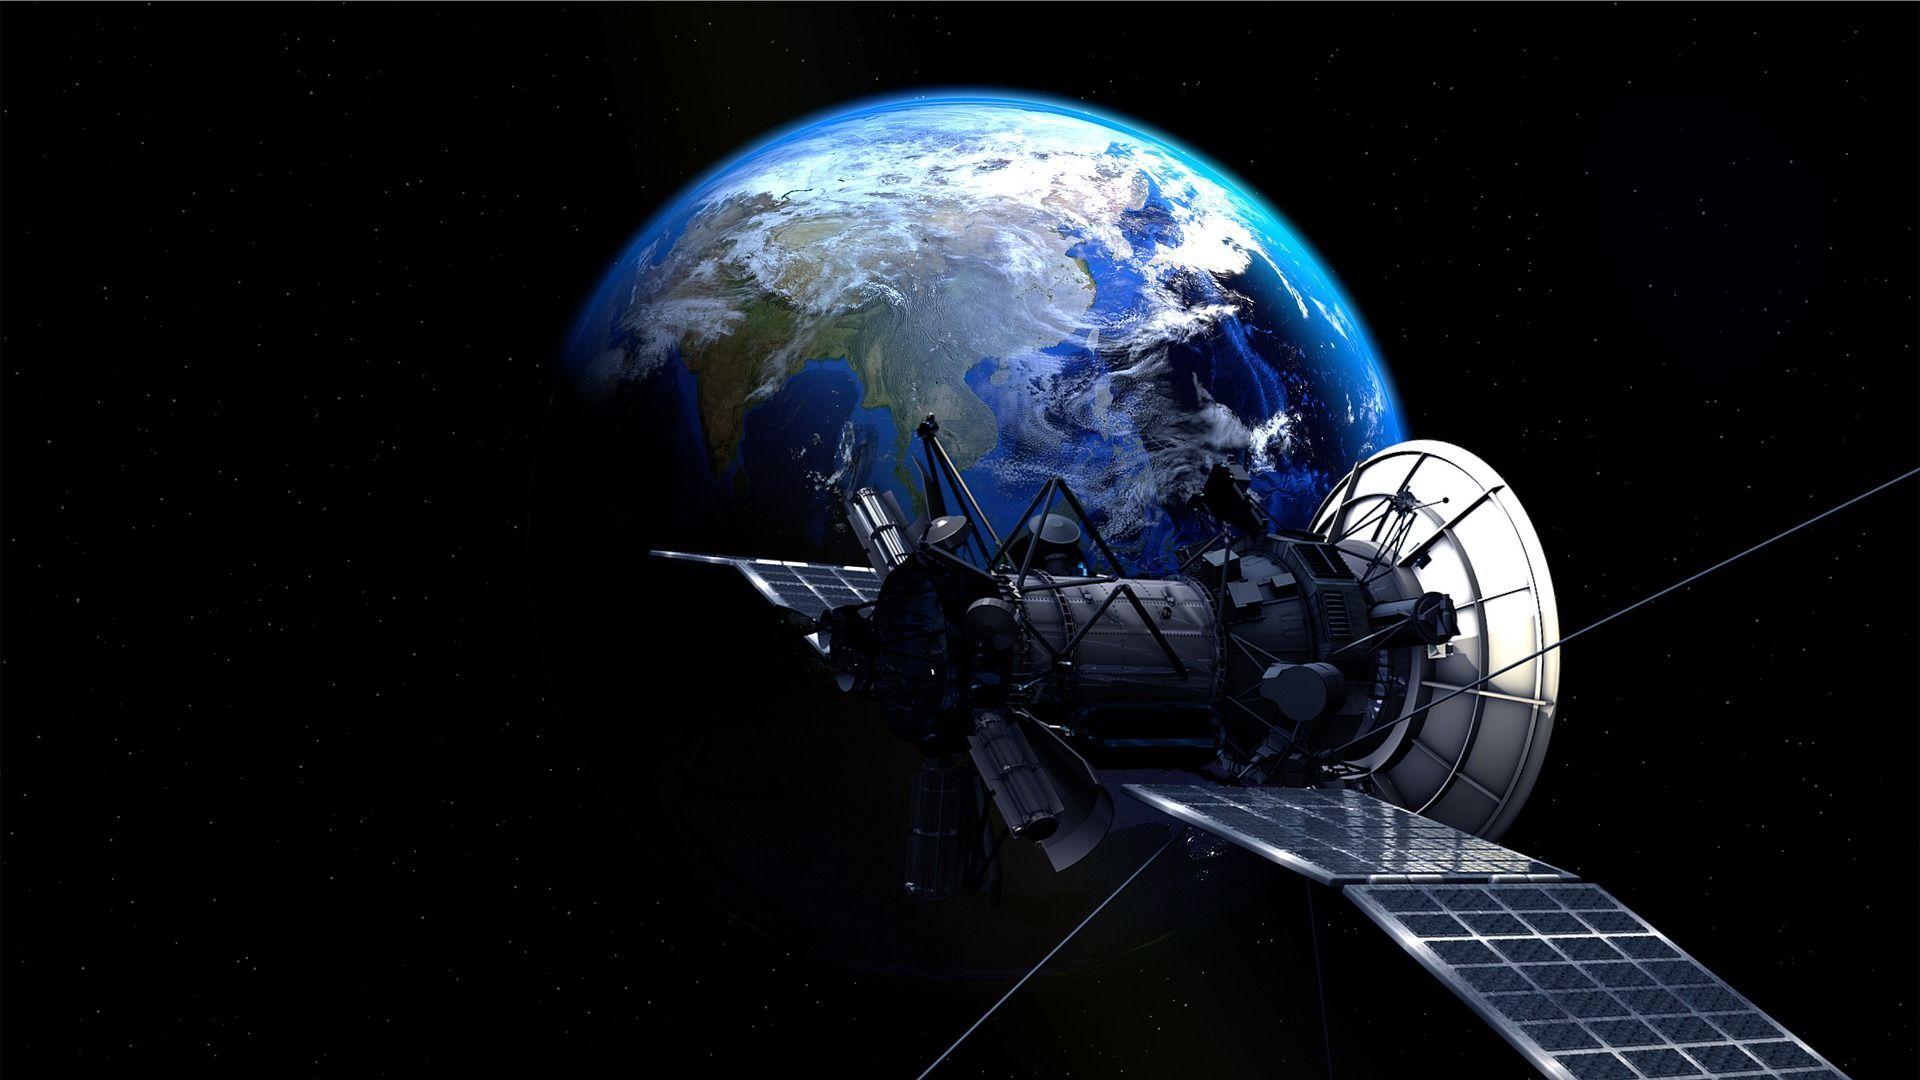 Un satélite en el espacio (imagen referencial) - Sputnik Mundo, 1920, 09.04.2021